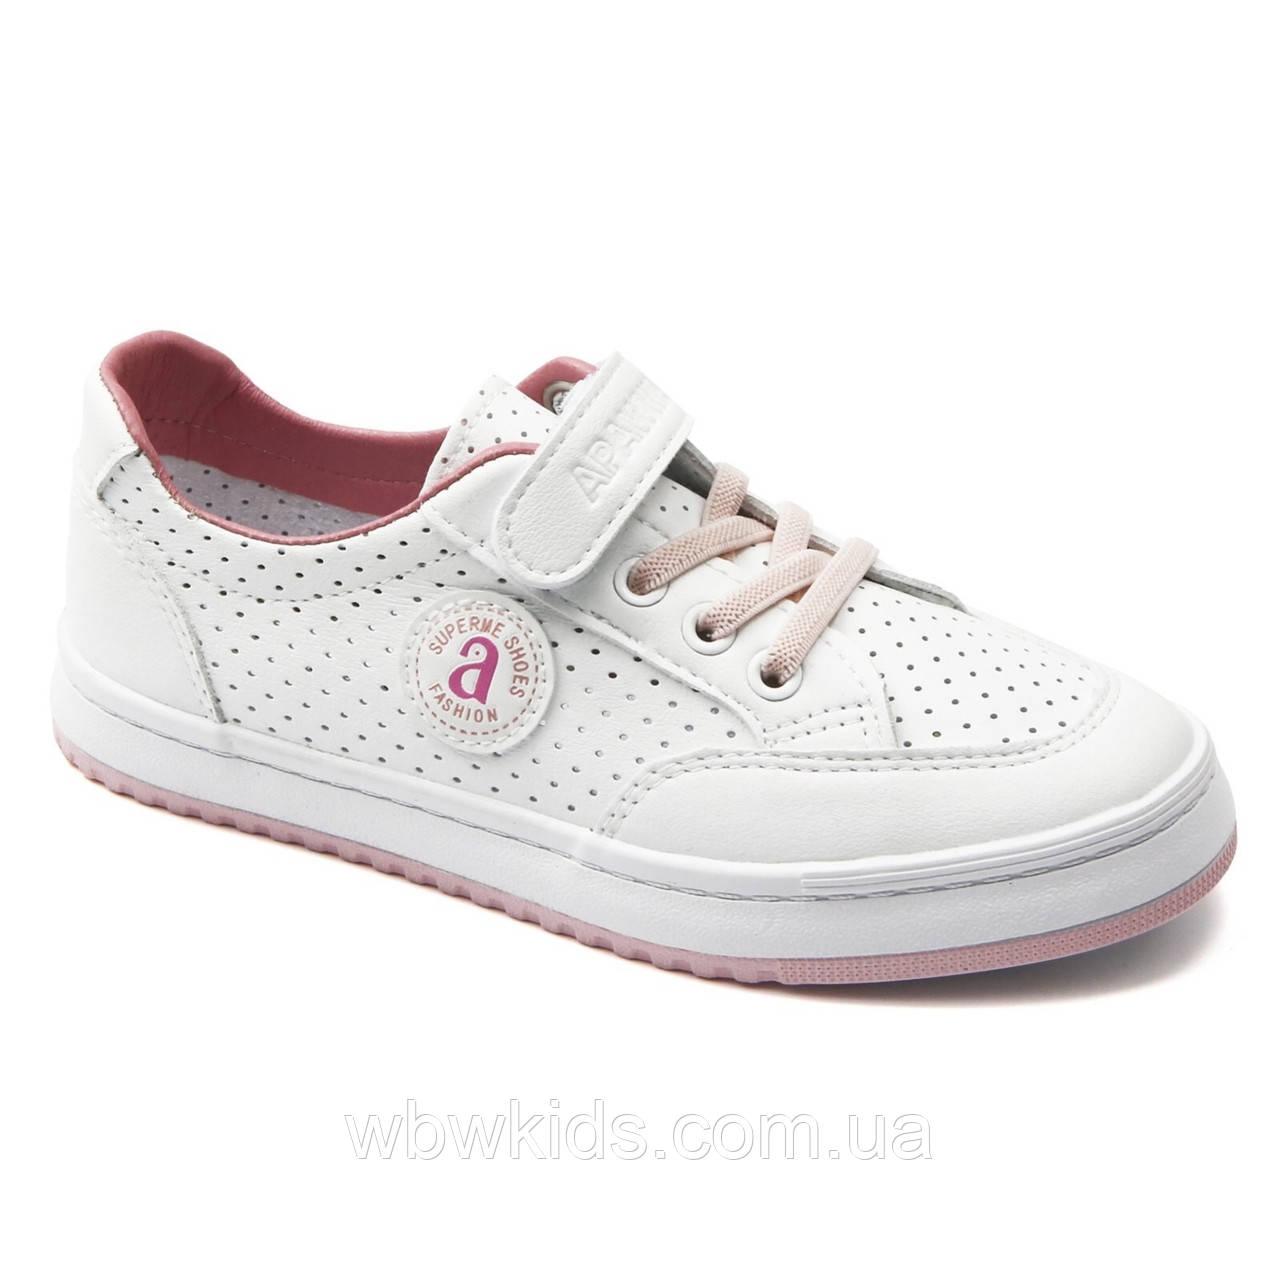 Кеды детские Apawwa VC83-1 Pink для девочки розово-белые 35